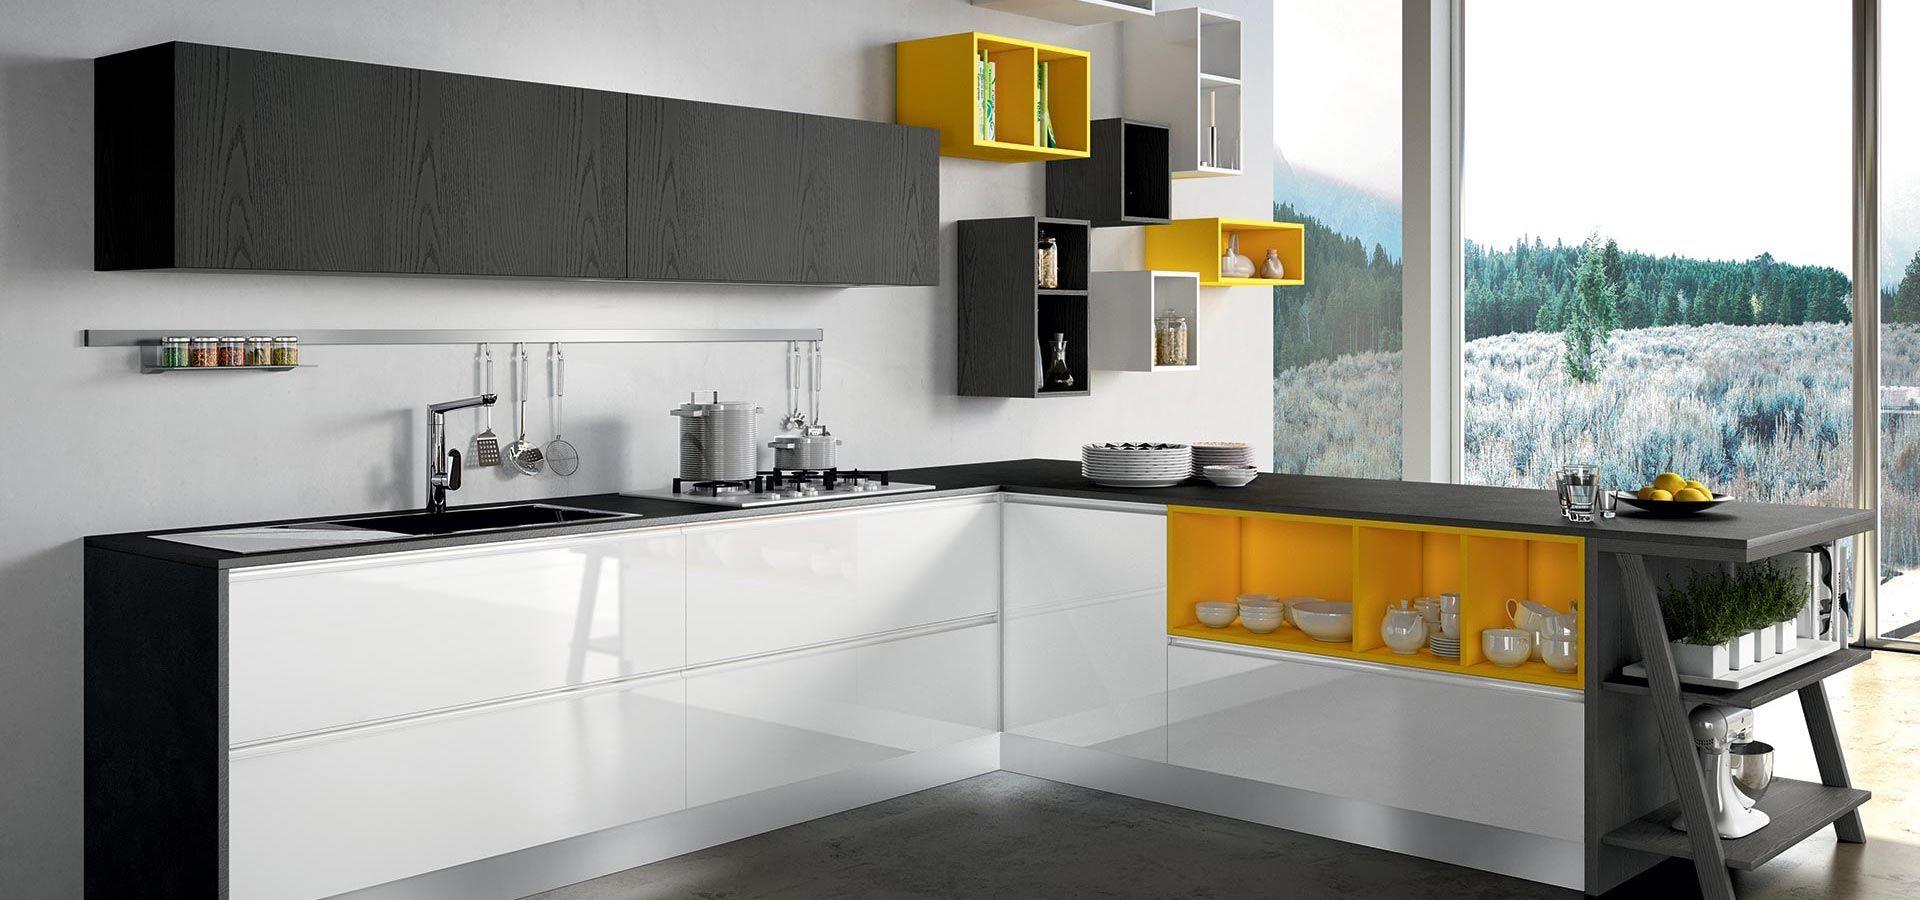 Cucina Moderna - MOON DUNA DIVA Finitura laccato bianco lucido, laccato giall...